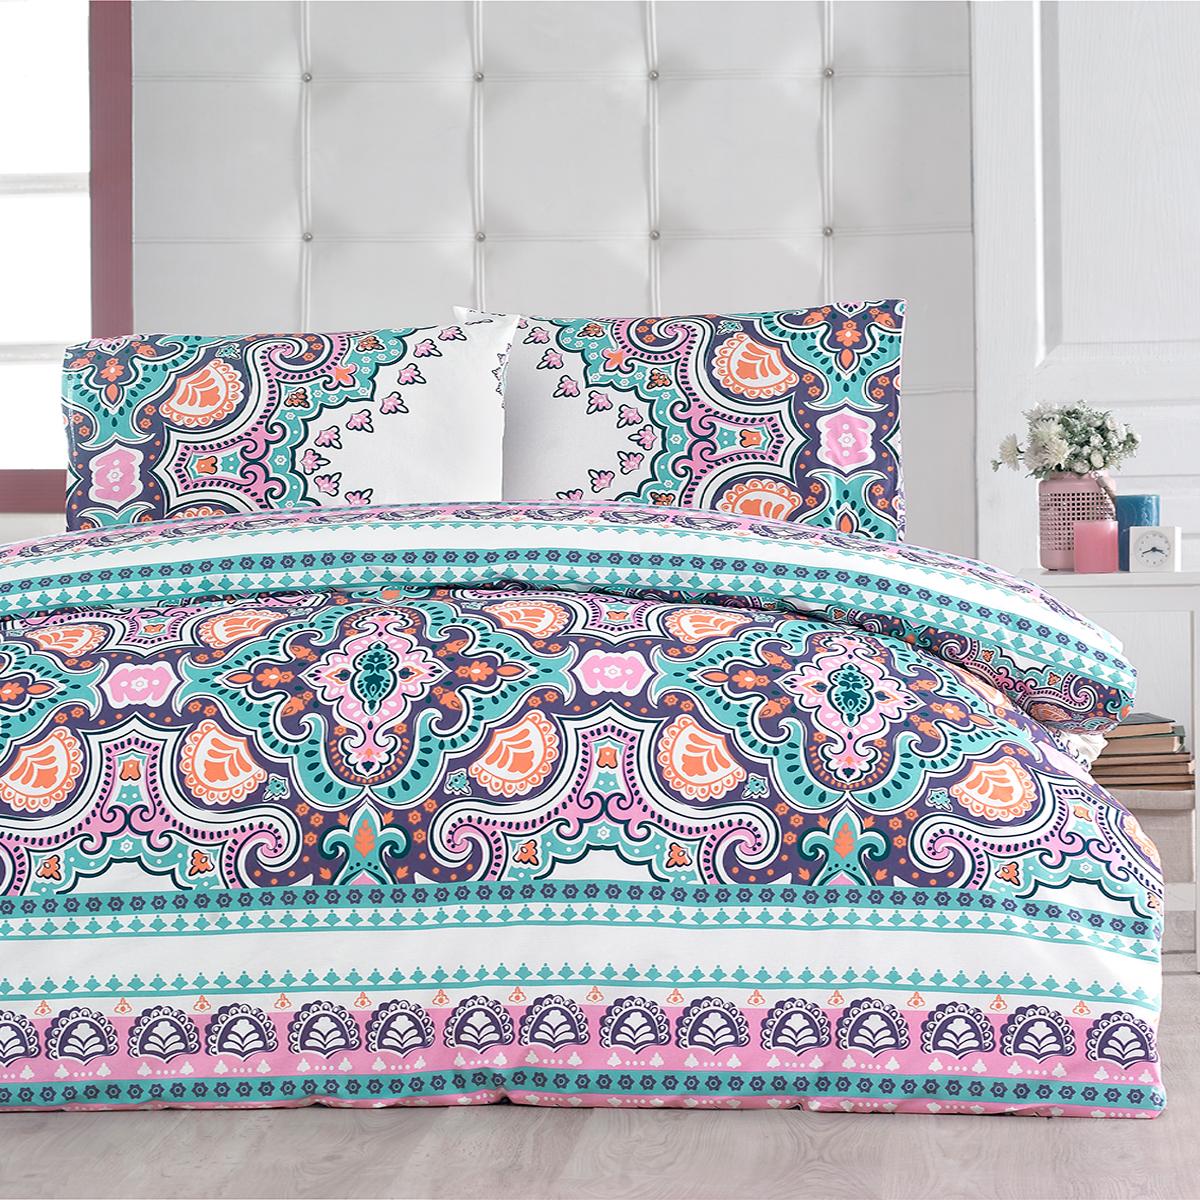 Комплекты постельного белья Arya Постельное белье Kobe (2 сп. евро) постельное белье arya постельное белье vanner 2 сп евро